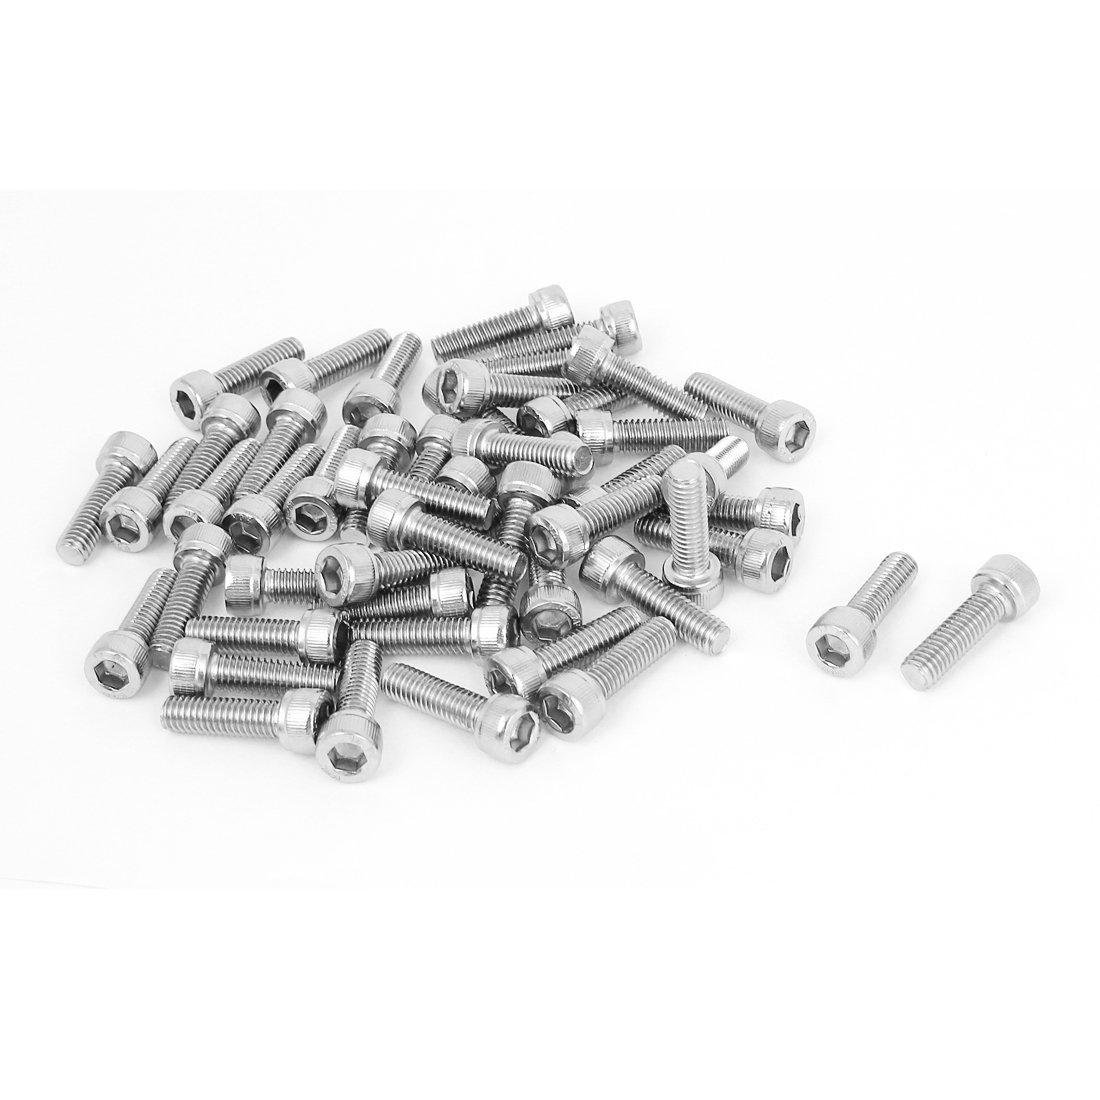 Tornillos de Acero inoxidable M6x20mm eDealMax dado ...